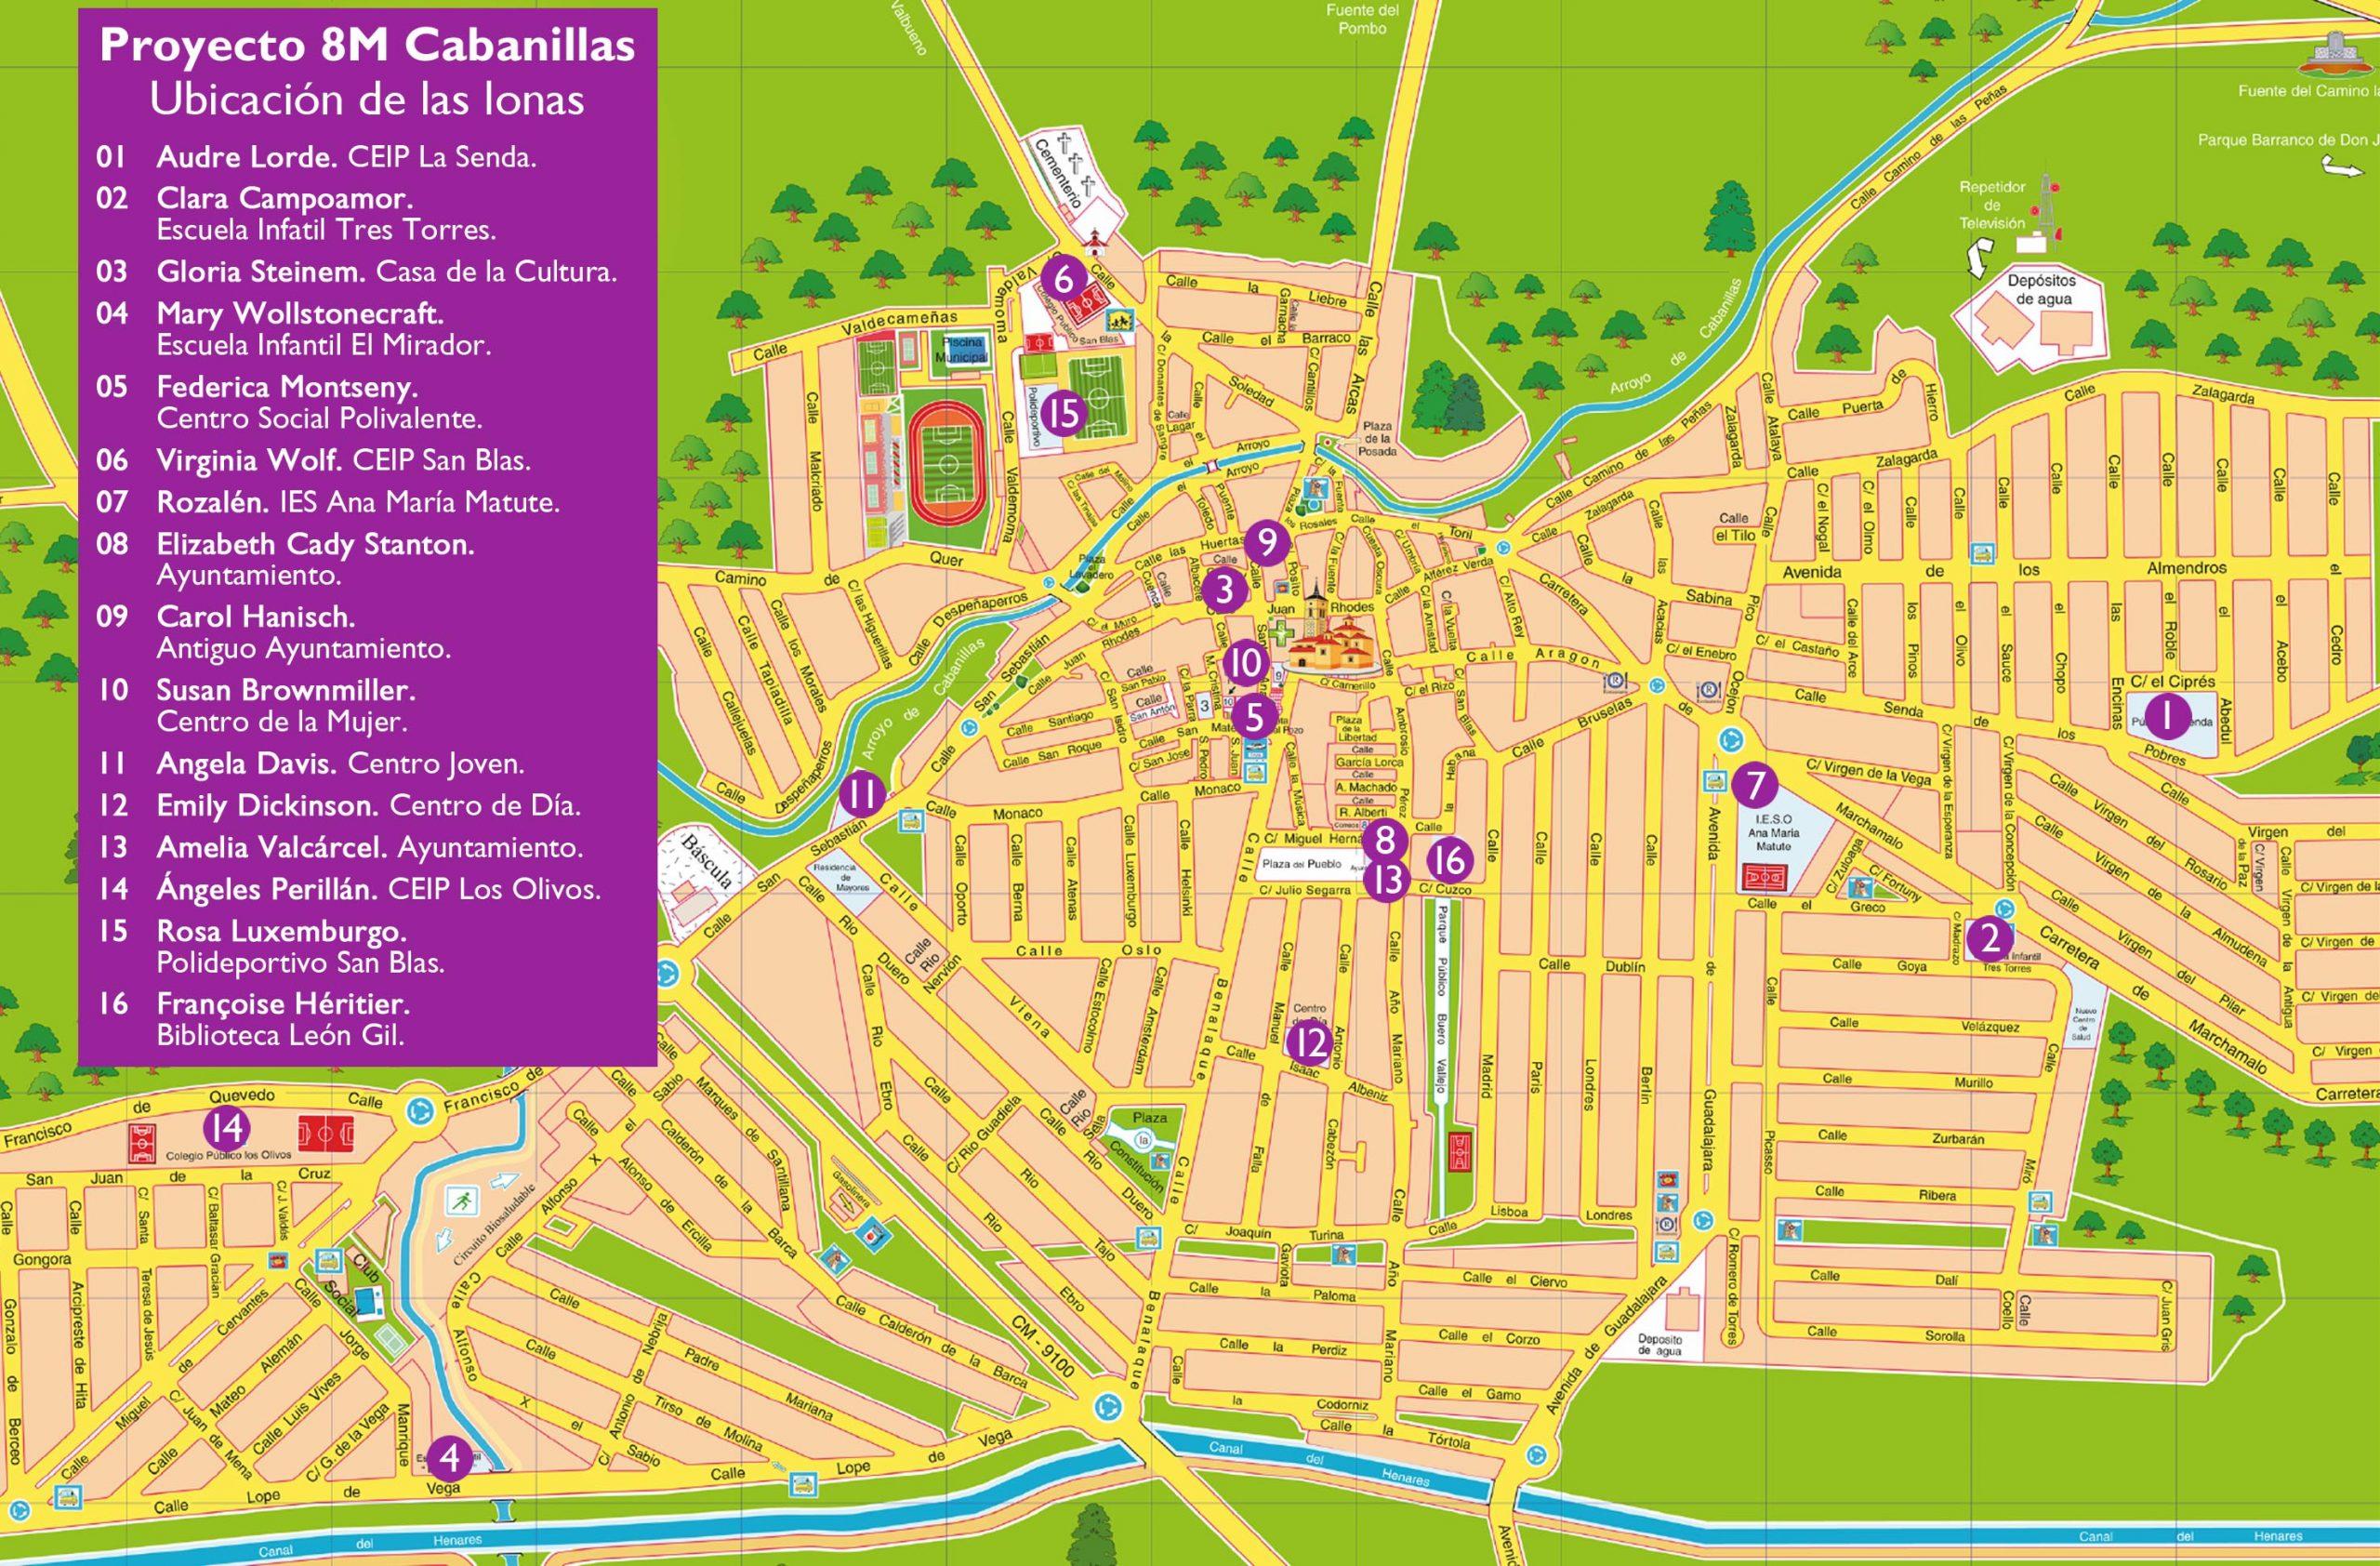 Plano de ubicación de las lonas